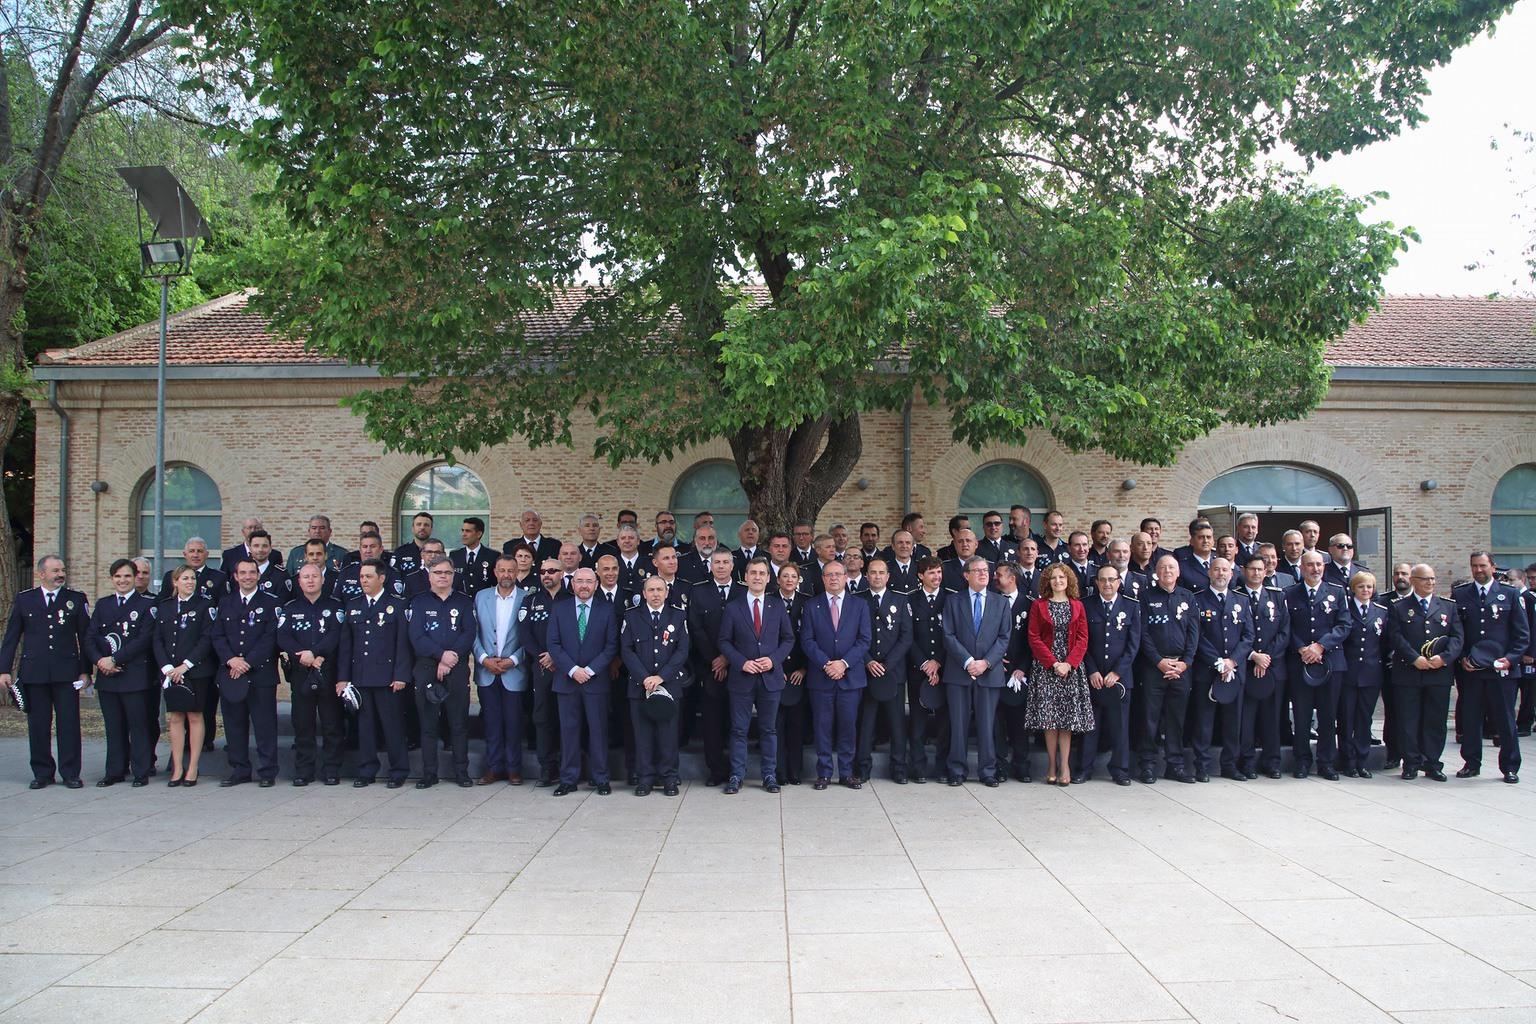 Juli%C3%A1n Moreno condecorado por su servicio activo durante 30 a%C3%B1os en la polic%C3%ADa local - Julián Moreno, condecorado por su servicio activo durante 30 años en la policía local